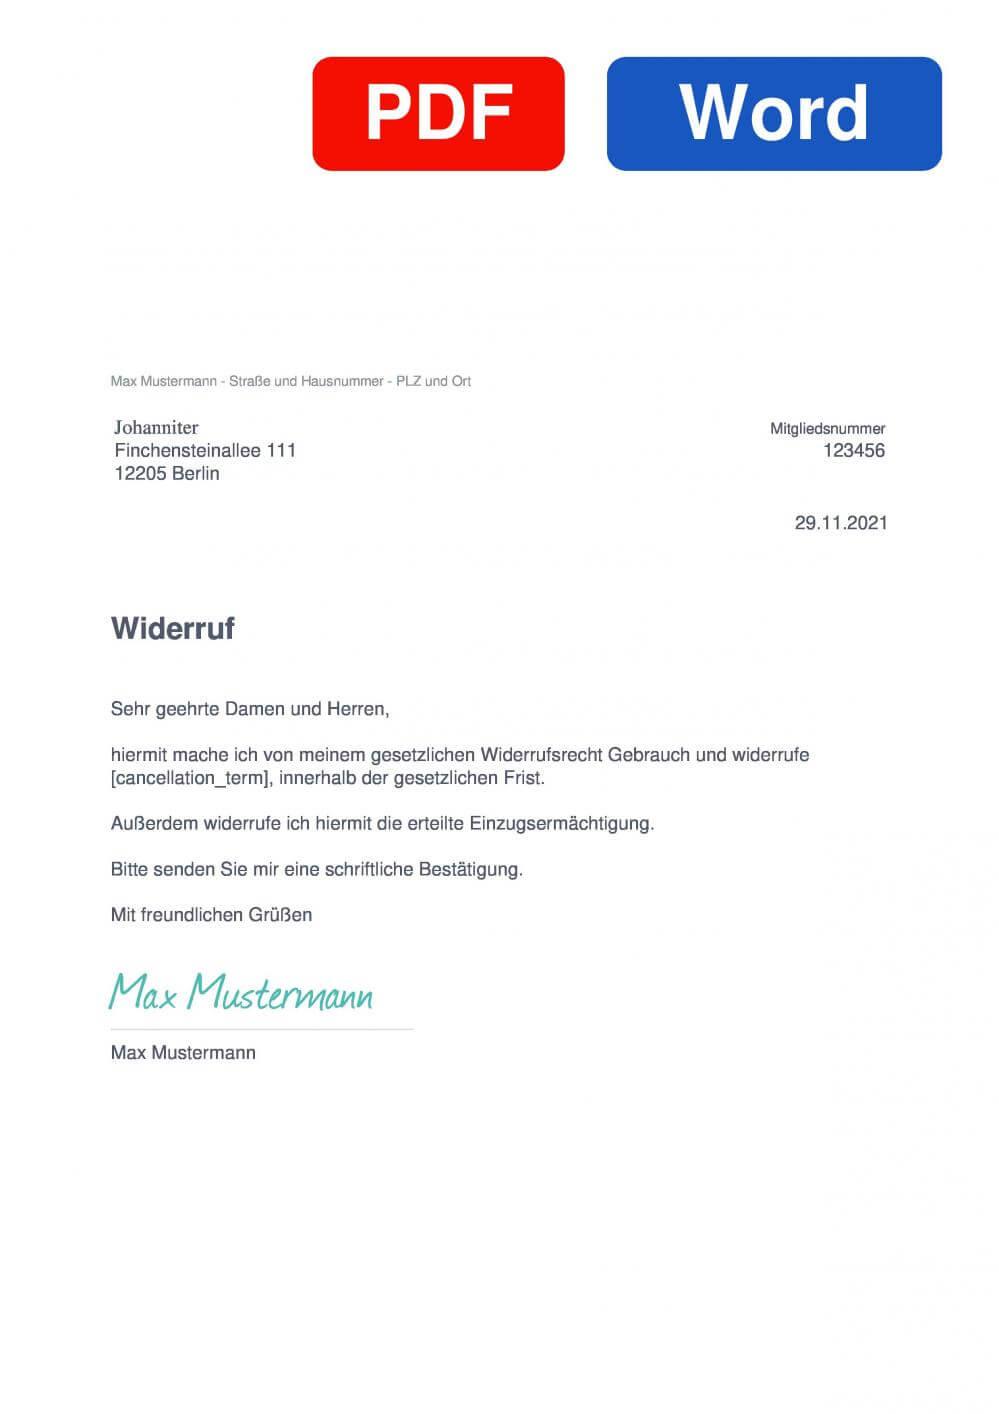 Johanniter Muster Vorlage für Wiederrufsschreiben